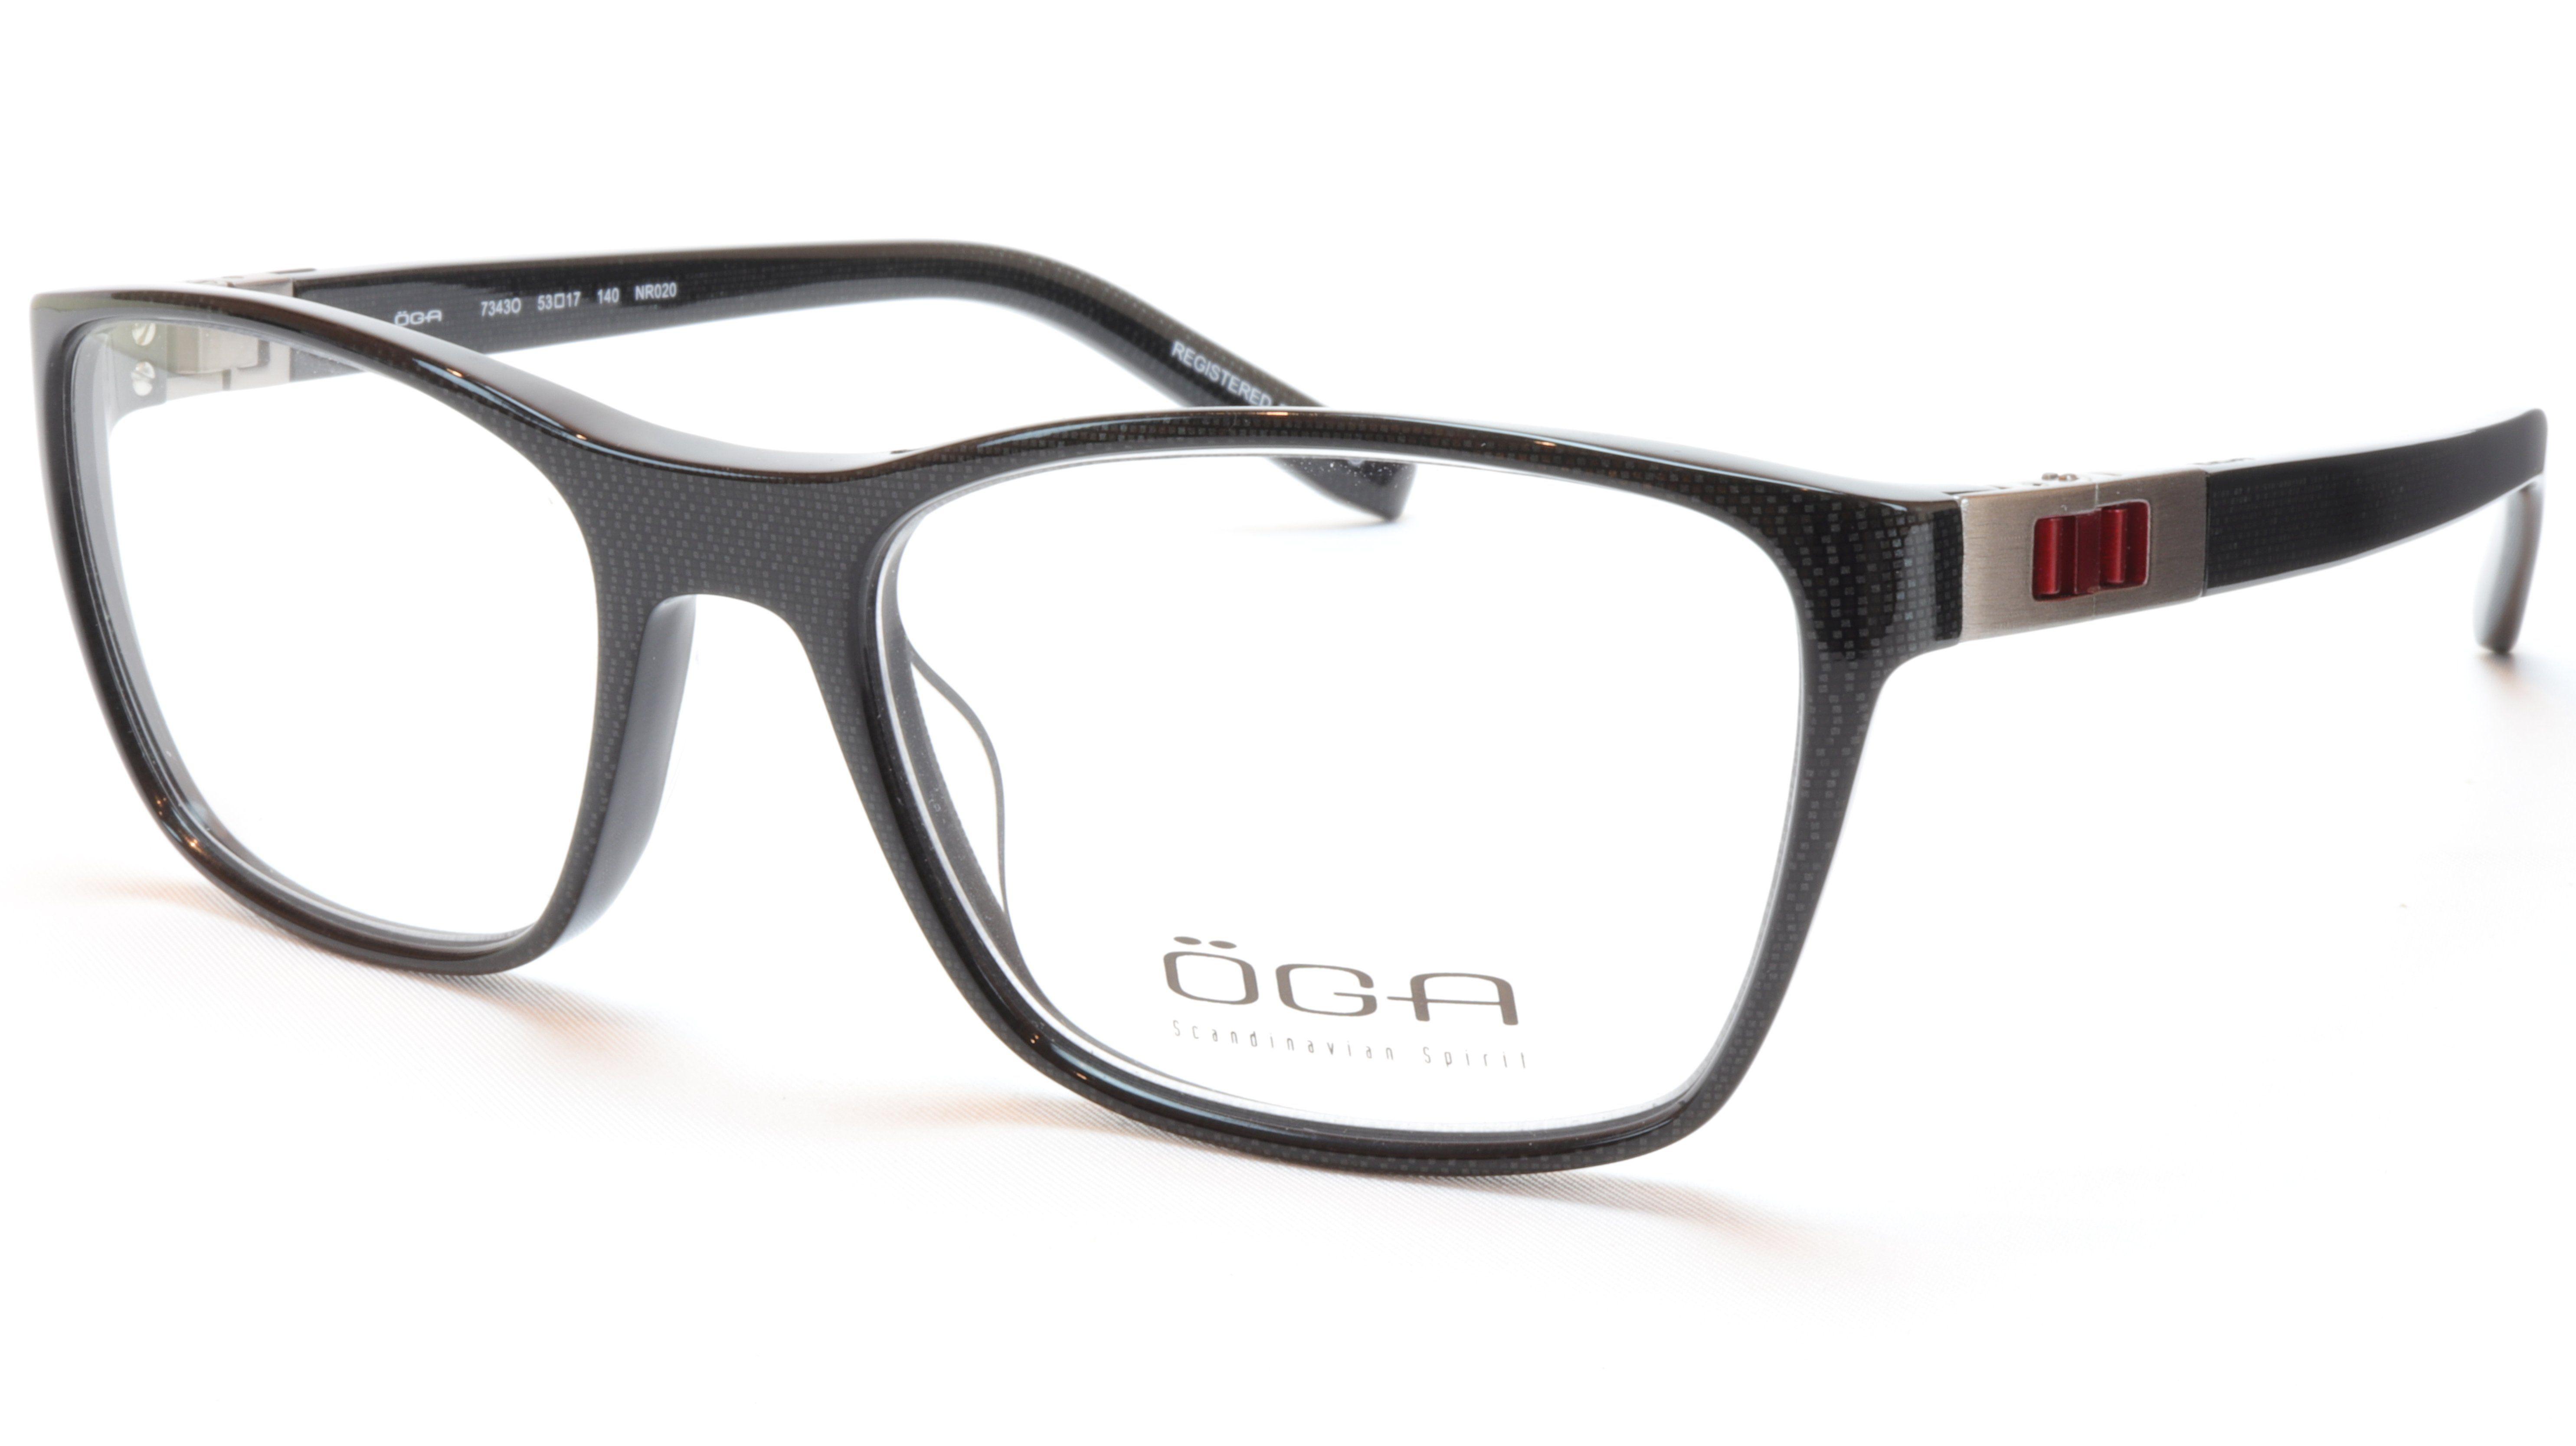 9a0f21126982 OGA Morel Eyeglasses Frame 73430 NR020 Acetate Black Red France 53-17-140,  37